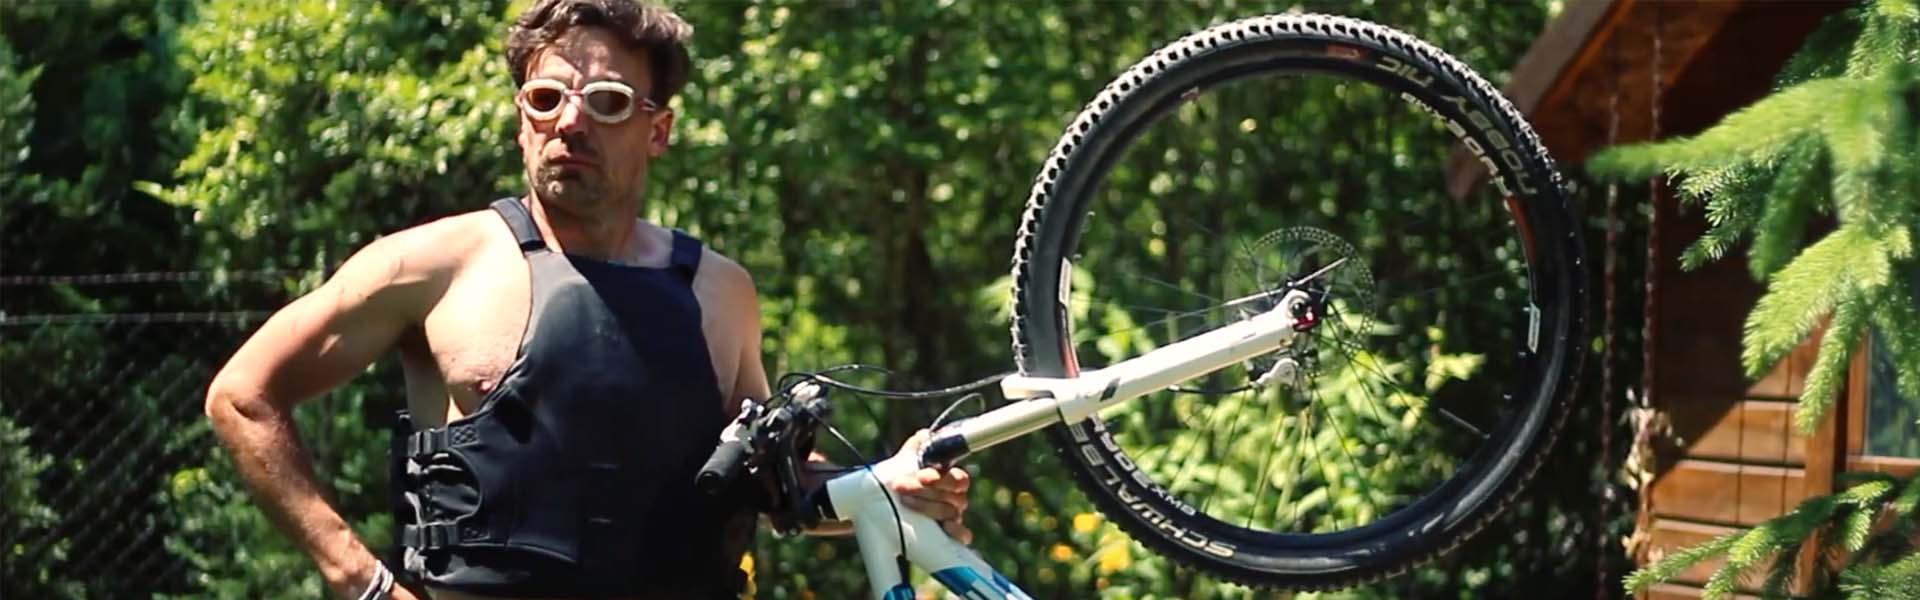 Miben különböznek egymástól a kerékpáros ruhák?